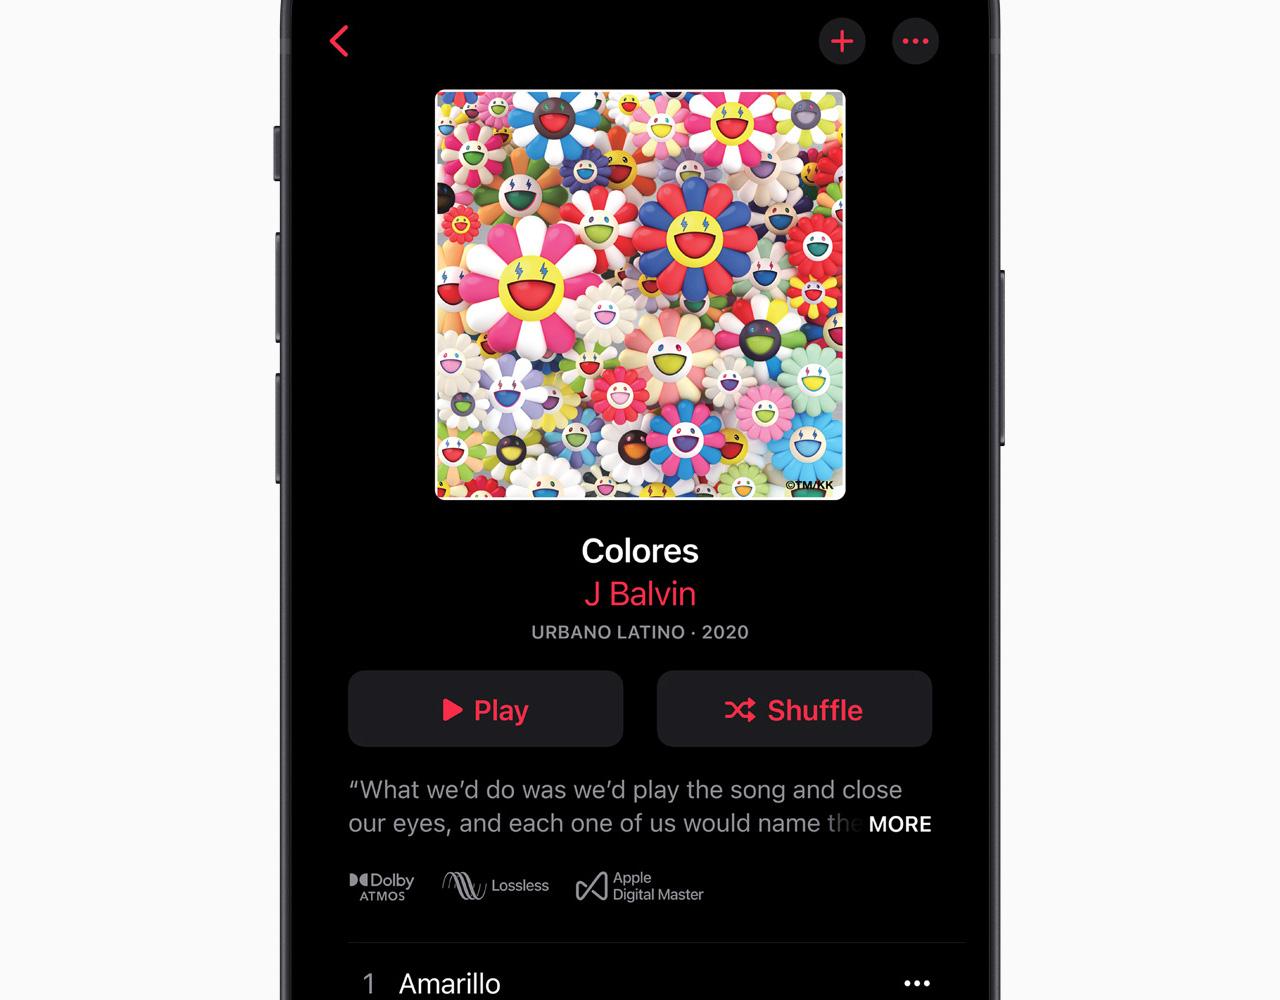 Apple Musicが追加料金なしで高音質化、ドルビーアトモスによる空間オーディオやロスレスに対応